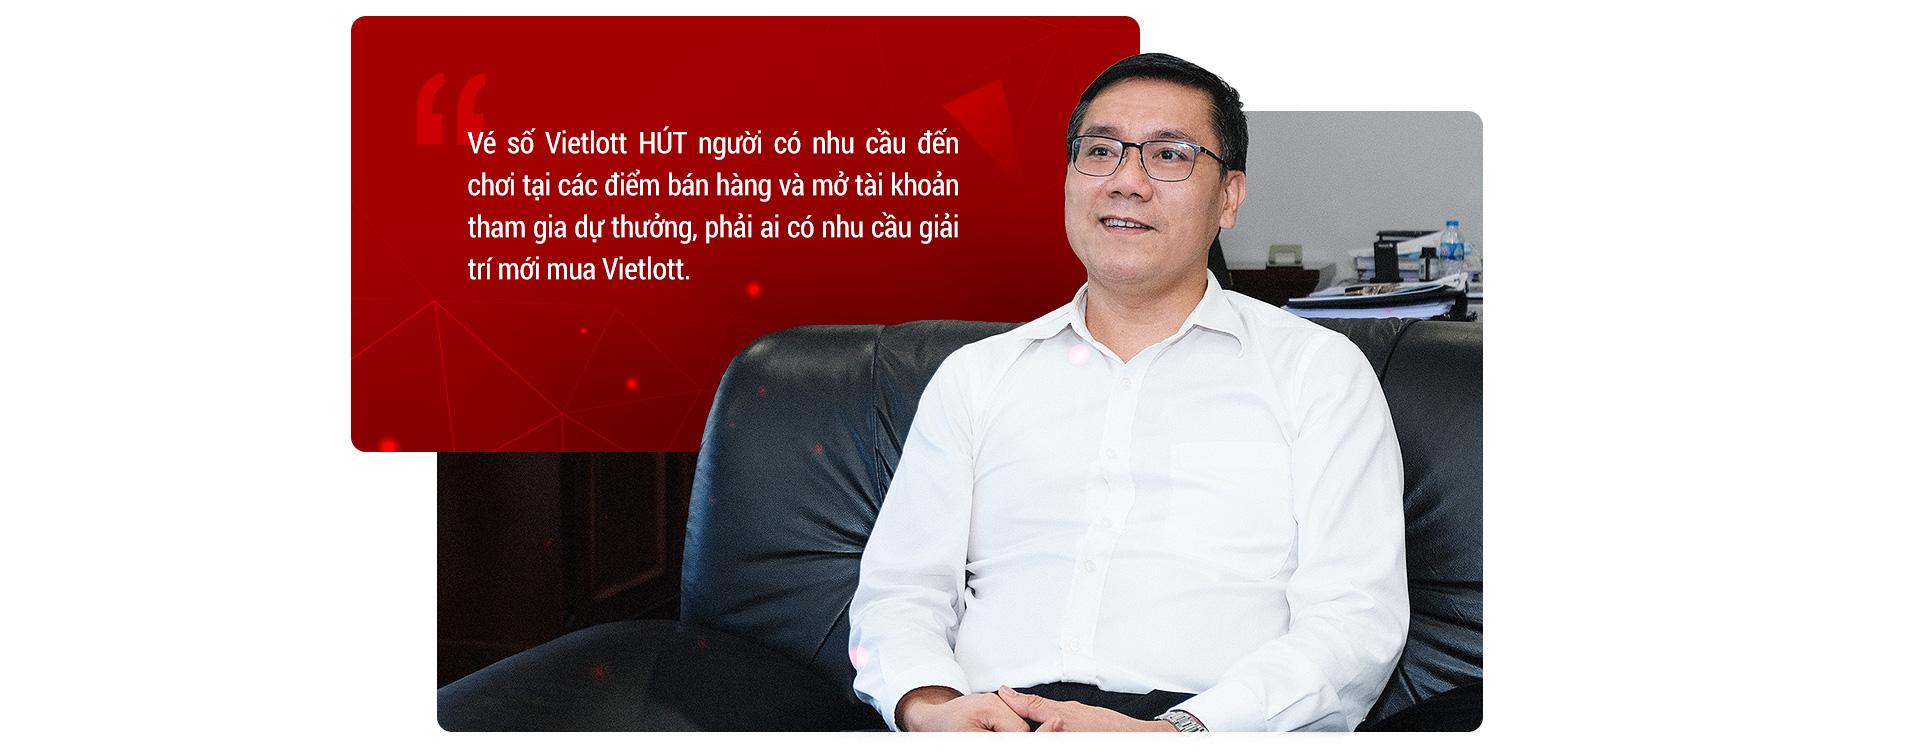 CEO Vietlott: Công nghệ giúp thay đổi nhận thức về xổ số - Ảnh 8.